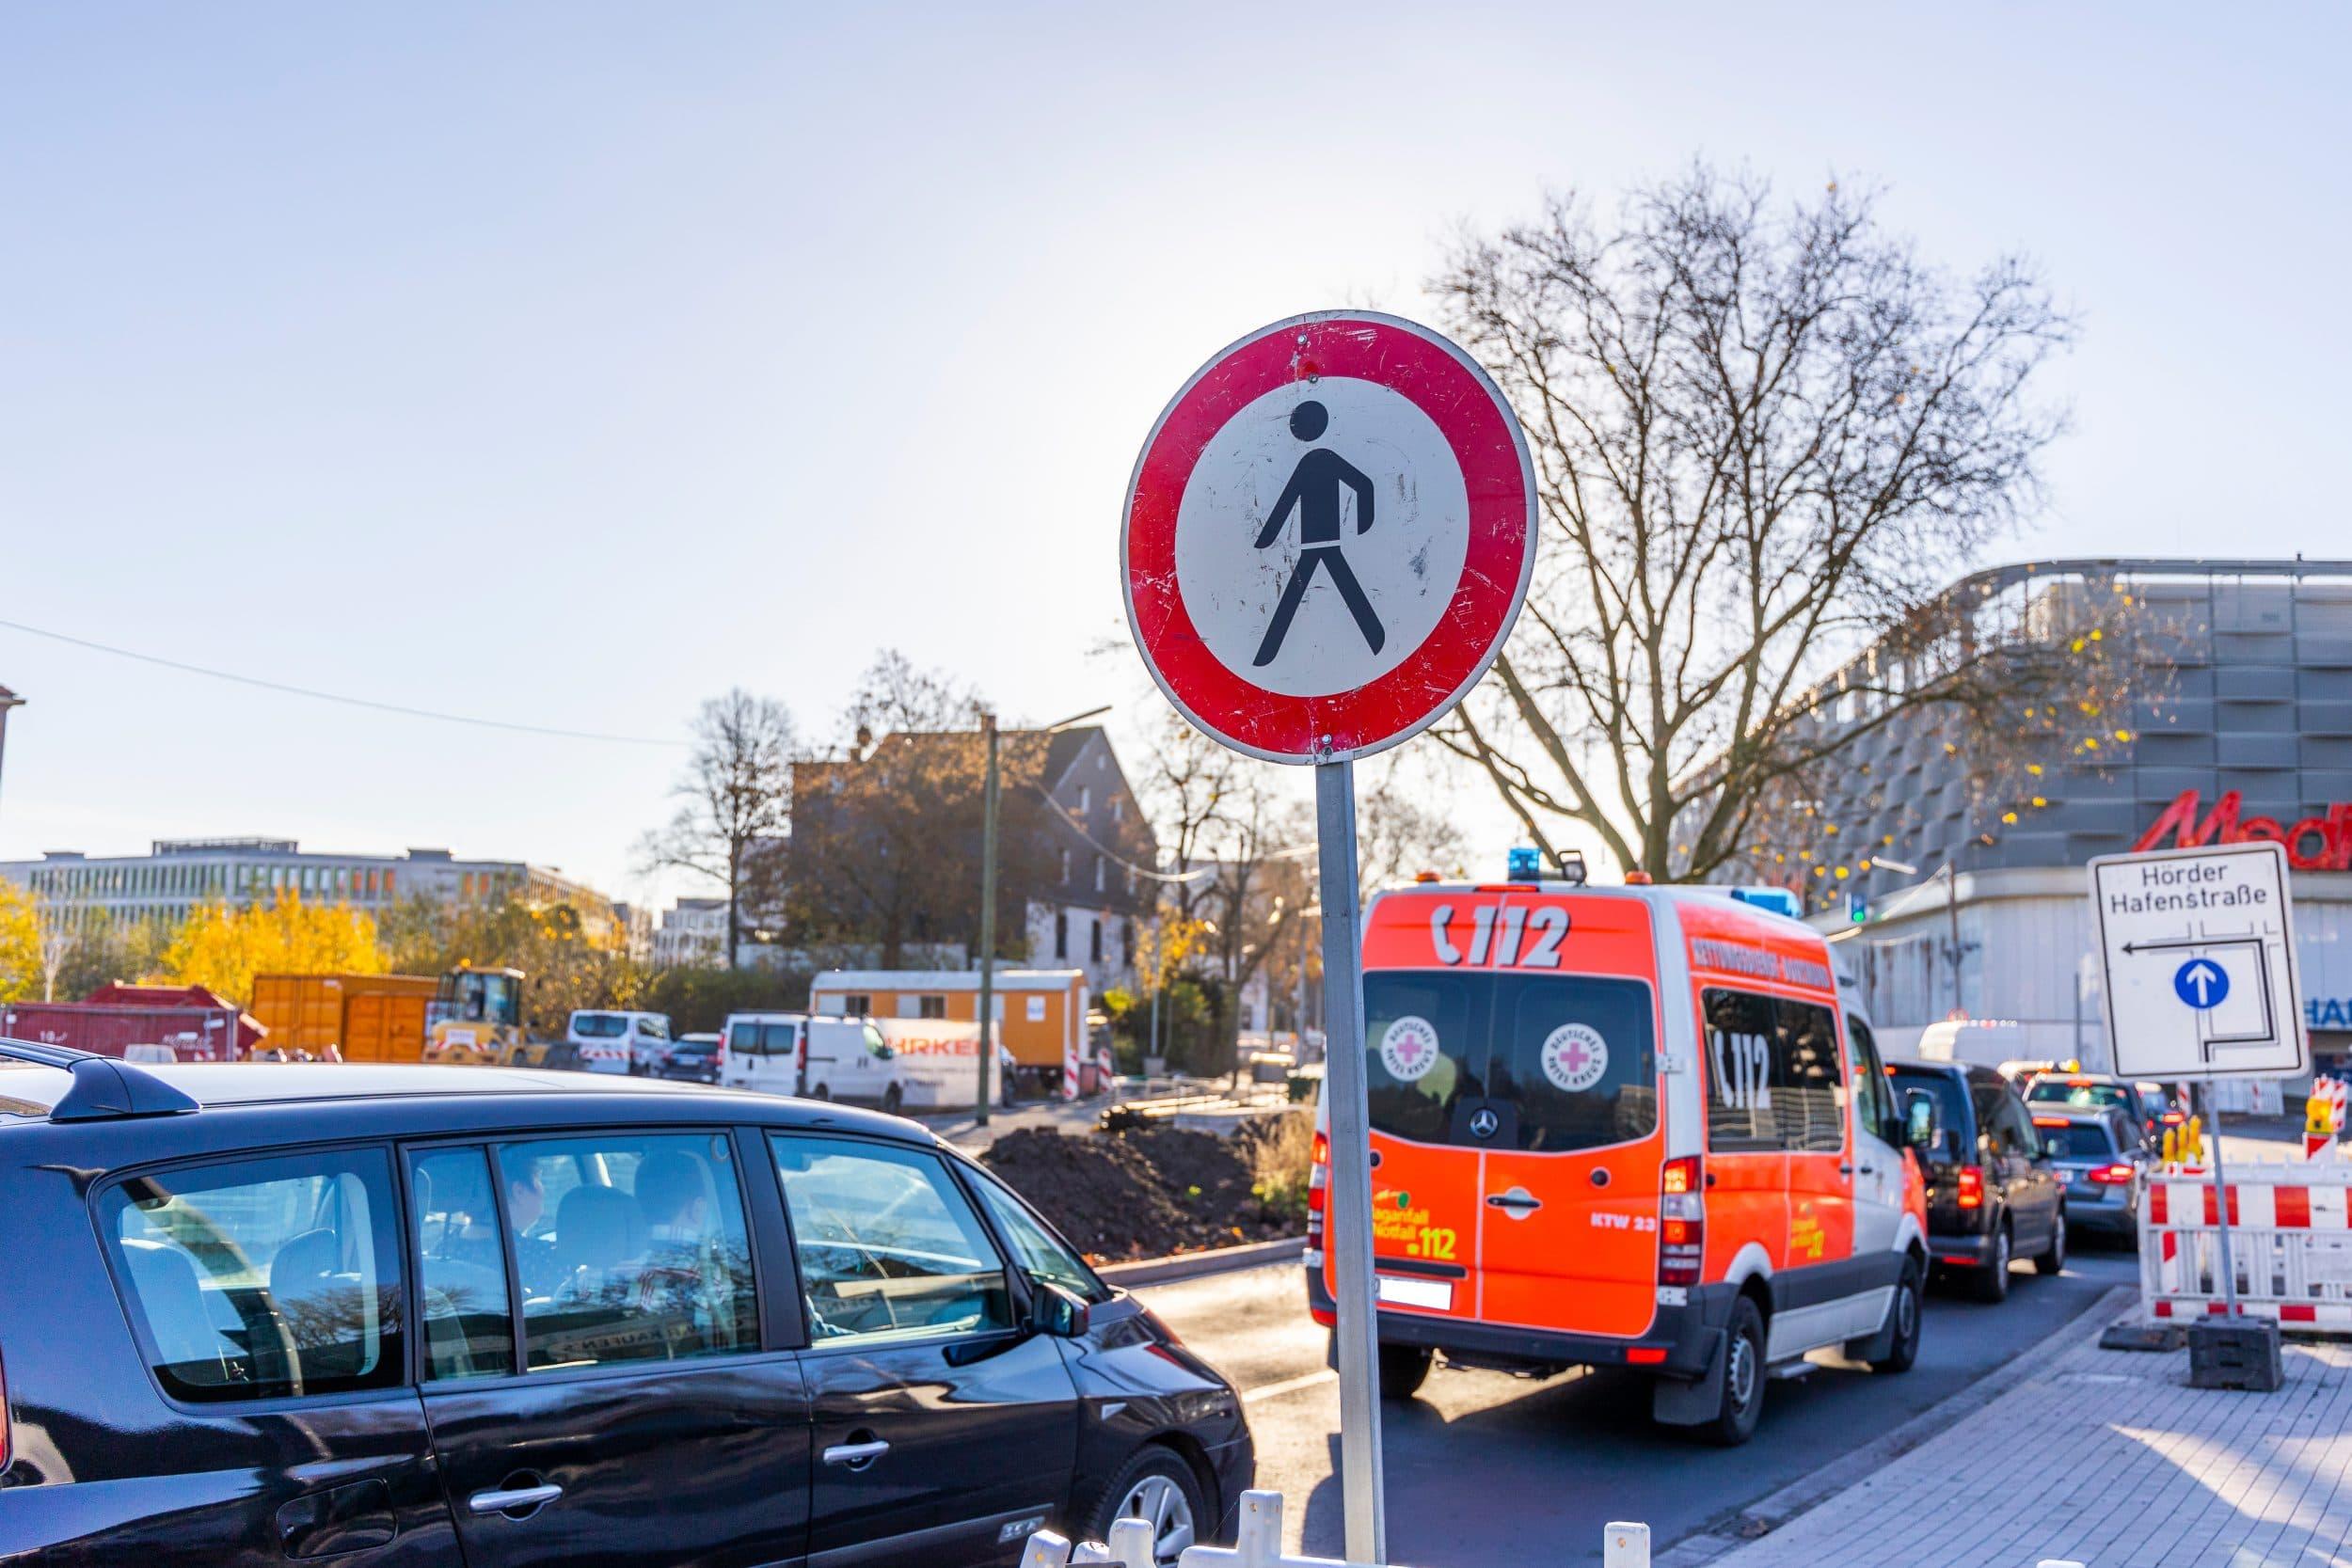 Wer zu Fuß geht, muss derzeit noch Umwege in Kauf nehmen. (Fotos: IN-StadtMagazine)